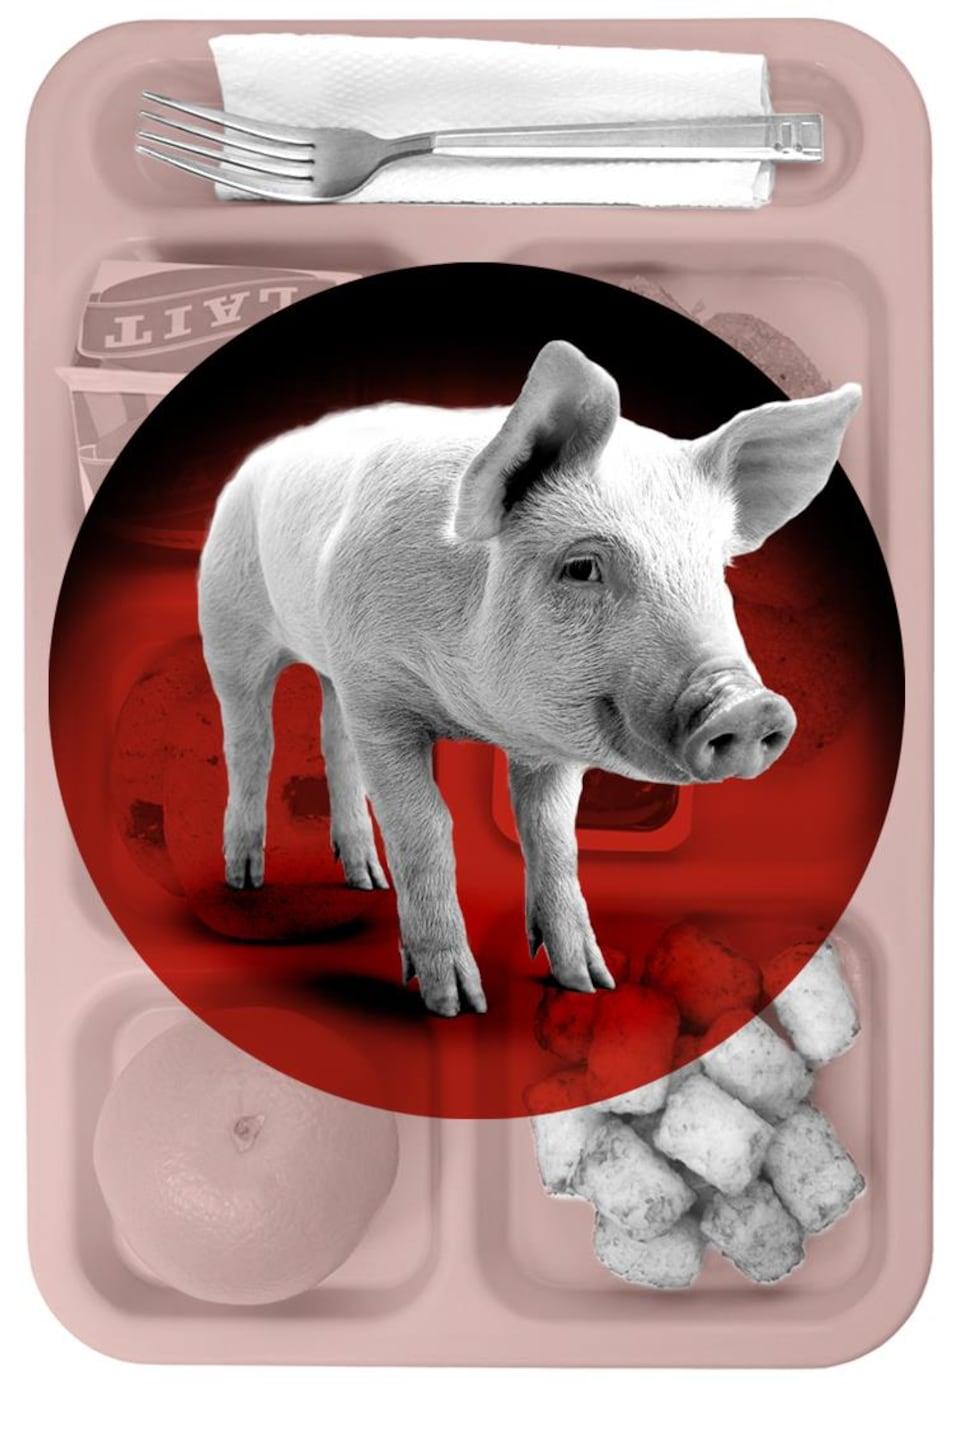 Le maire de Dorval n'a pas banni le porc des cantines scolaires, malgré ce qui circule sur Facebook depuis quatre ans.